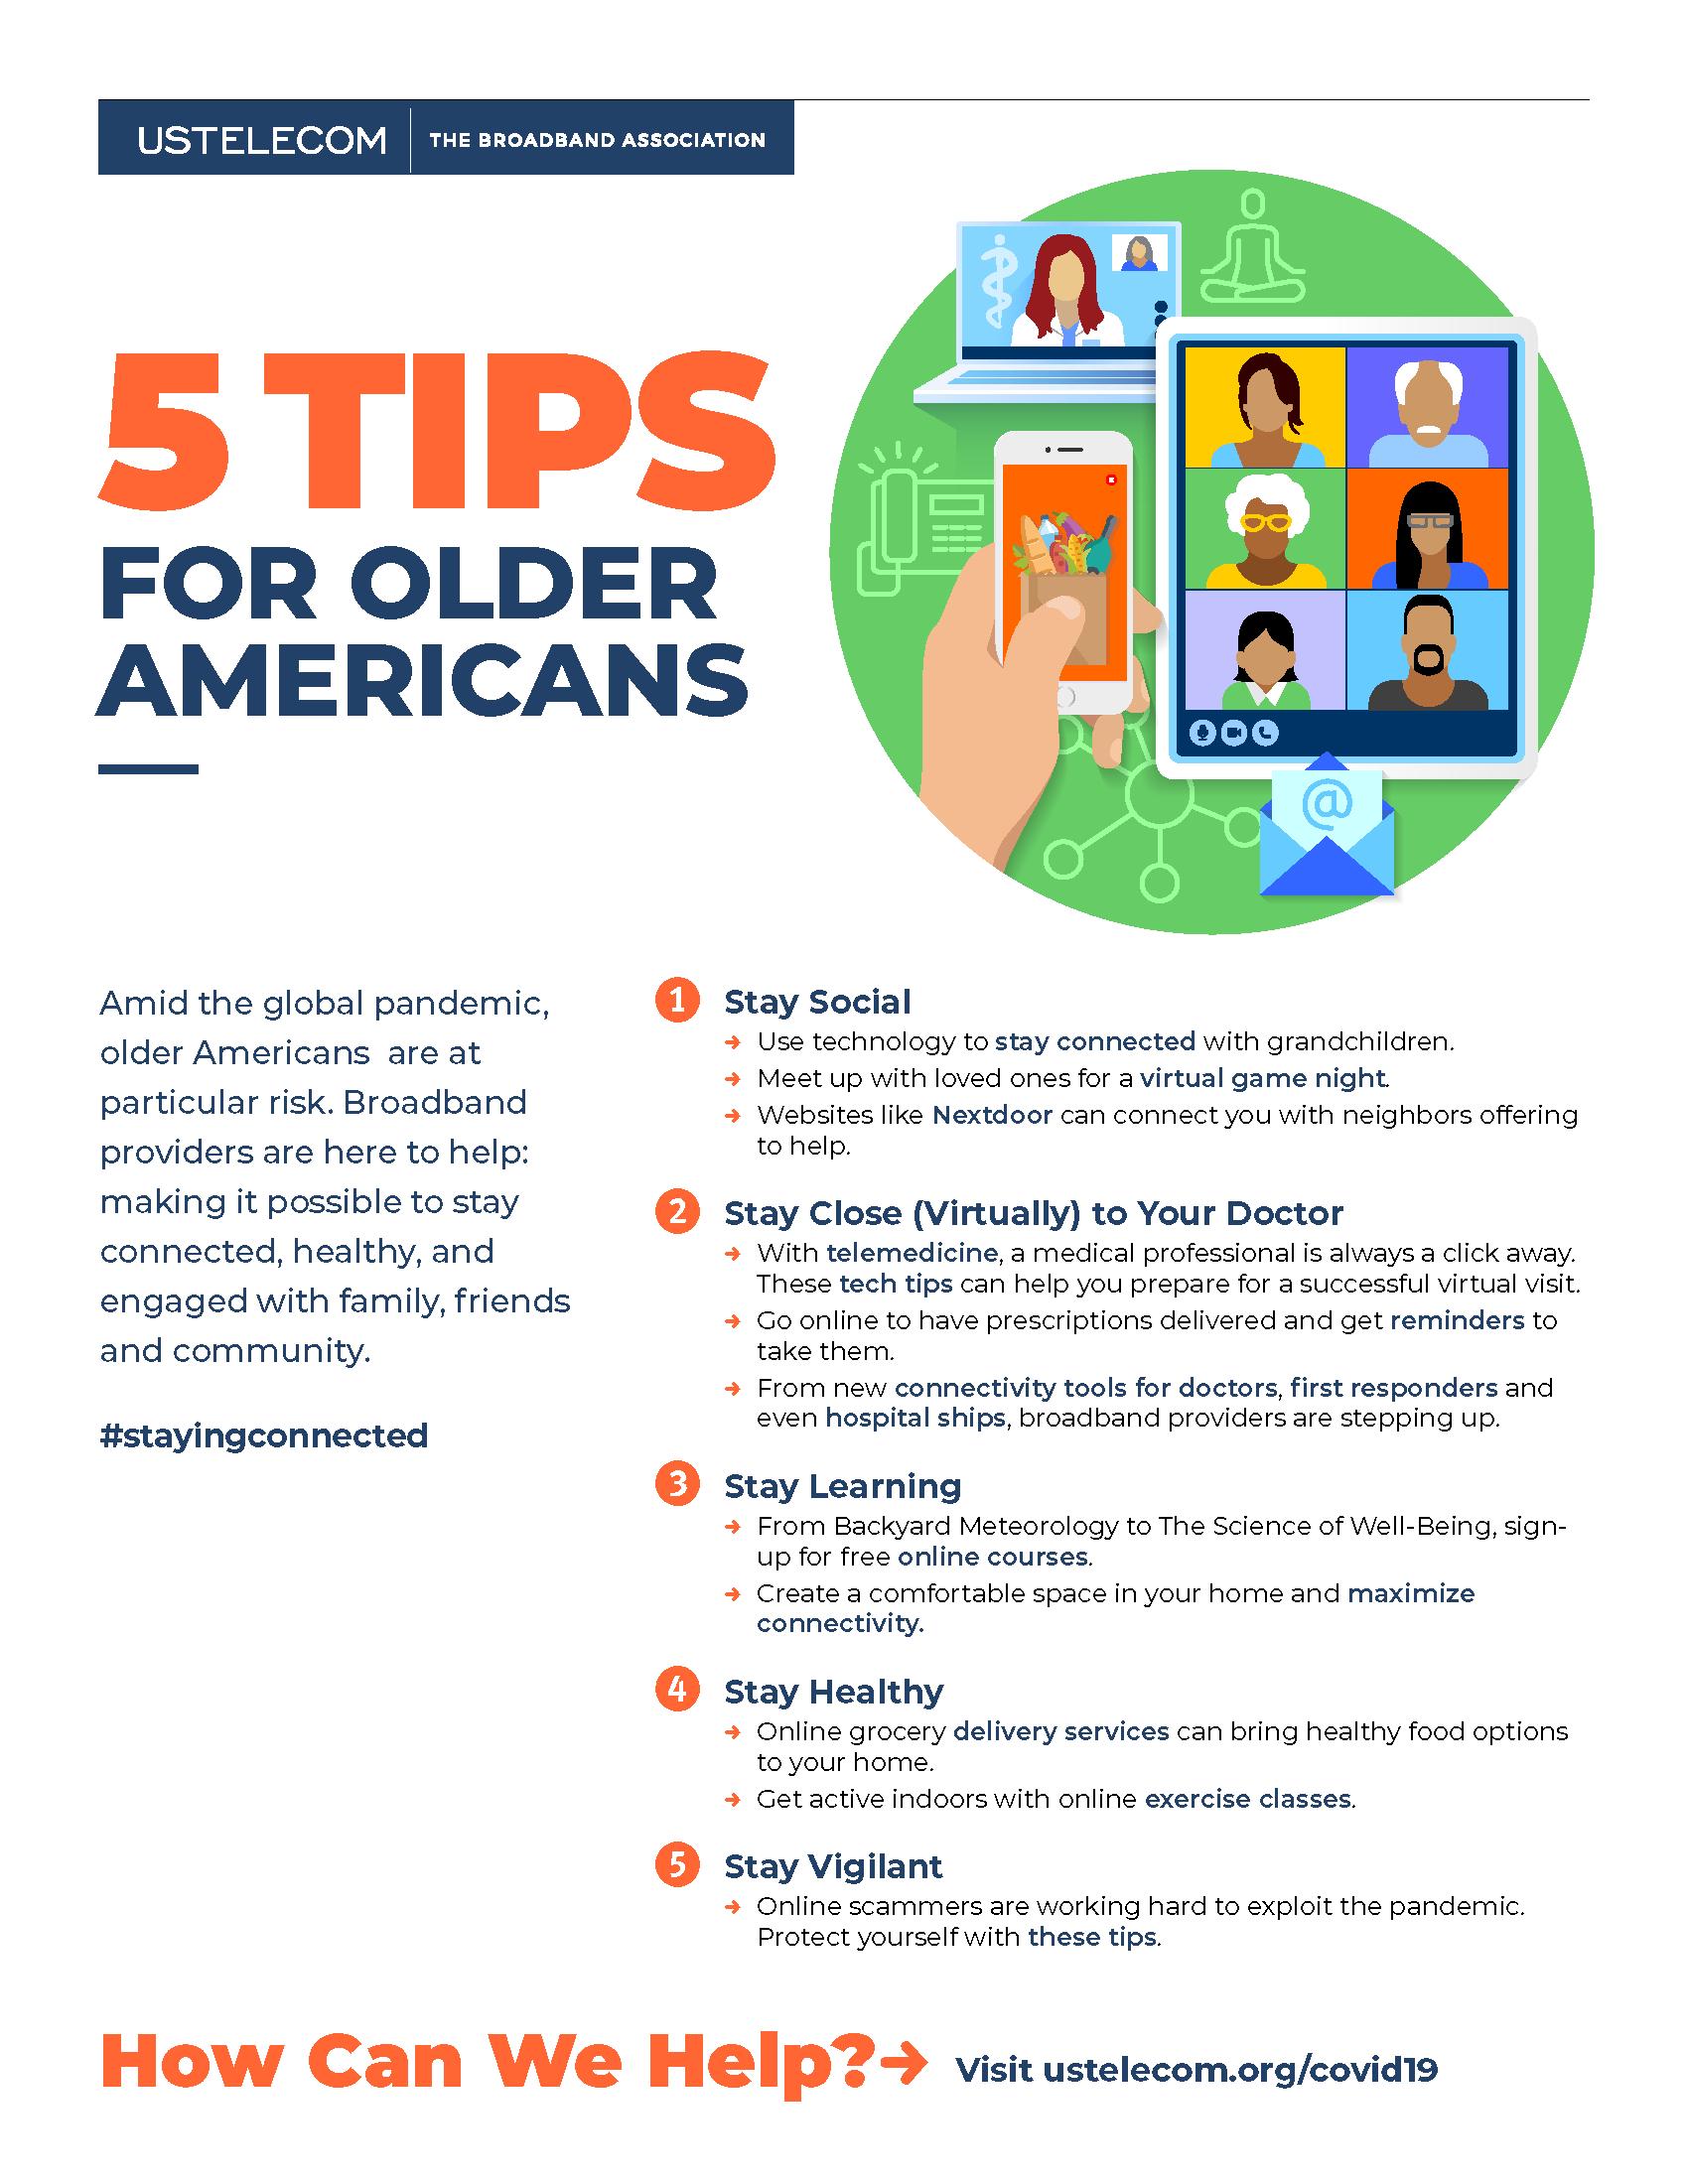 5 Tips for Older Americans